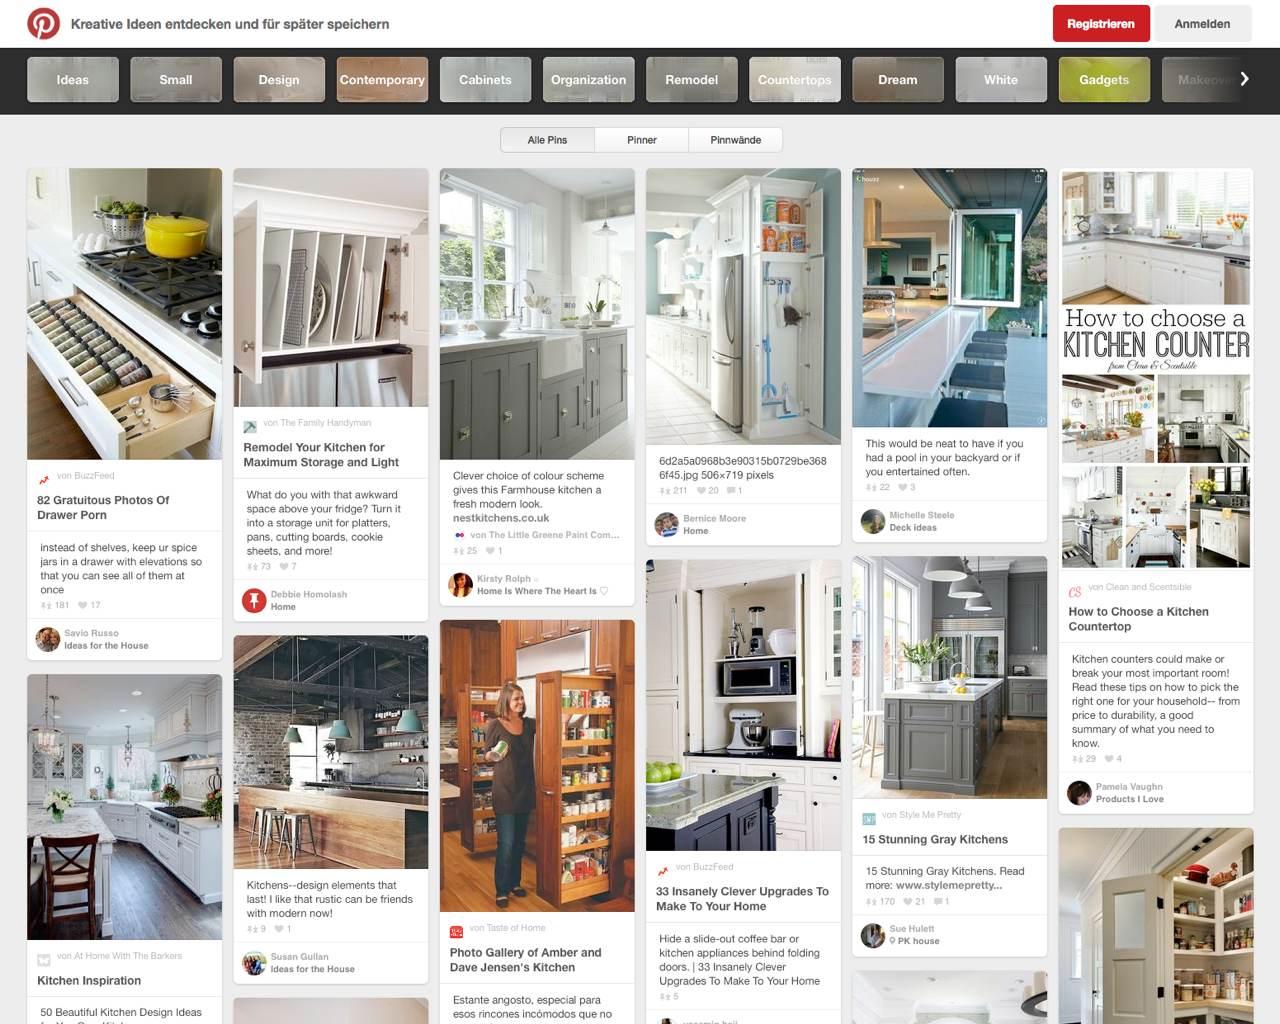 neue ideen f r ihre k che. Black Bedroom Furniture Sets. Home Design Ideas